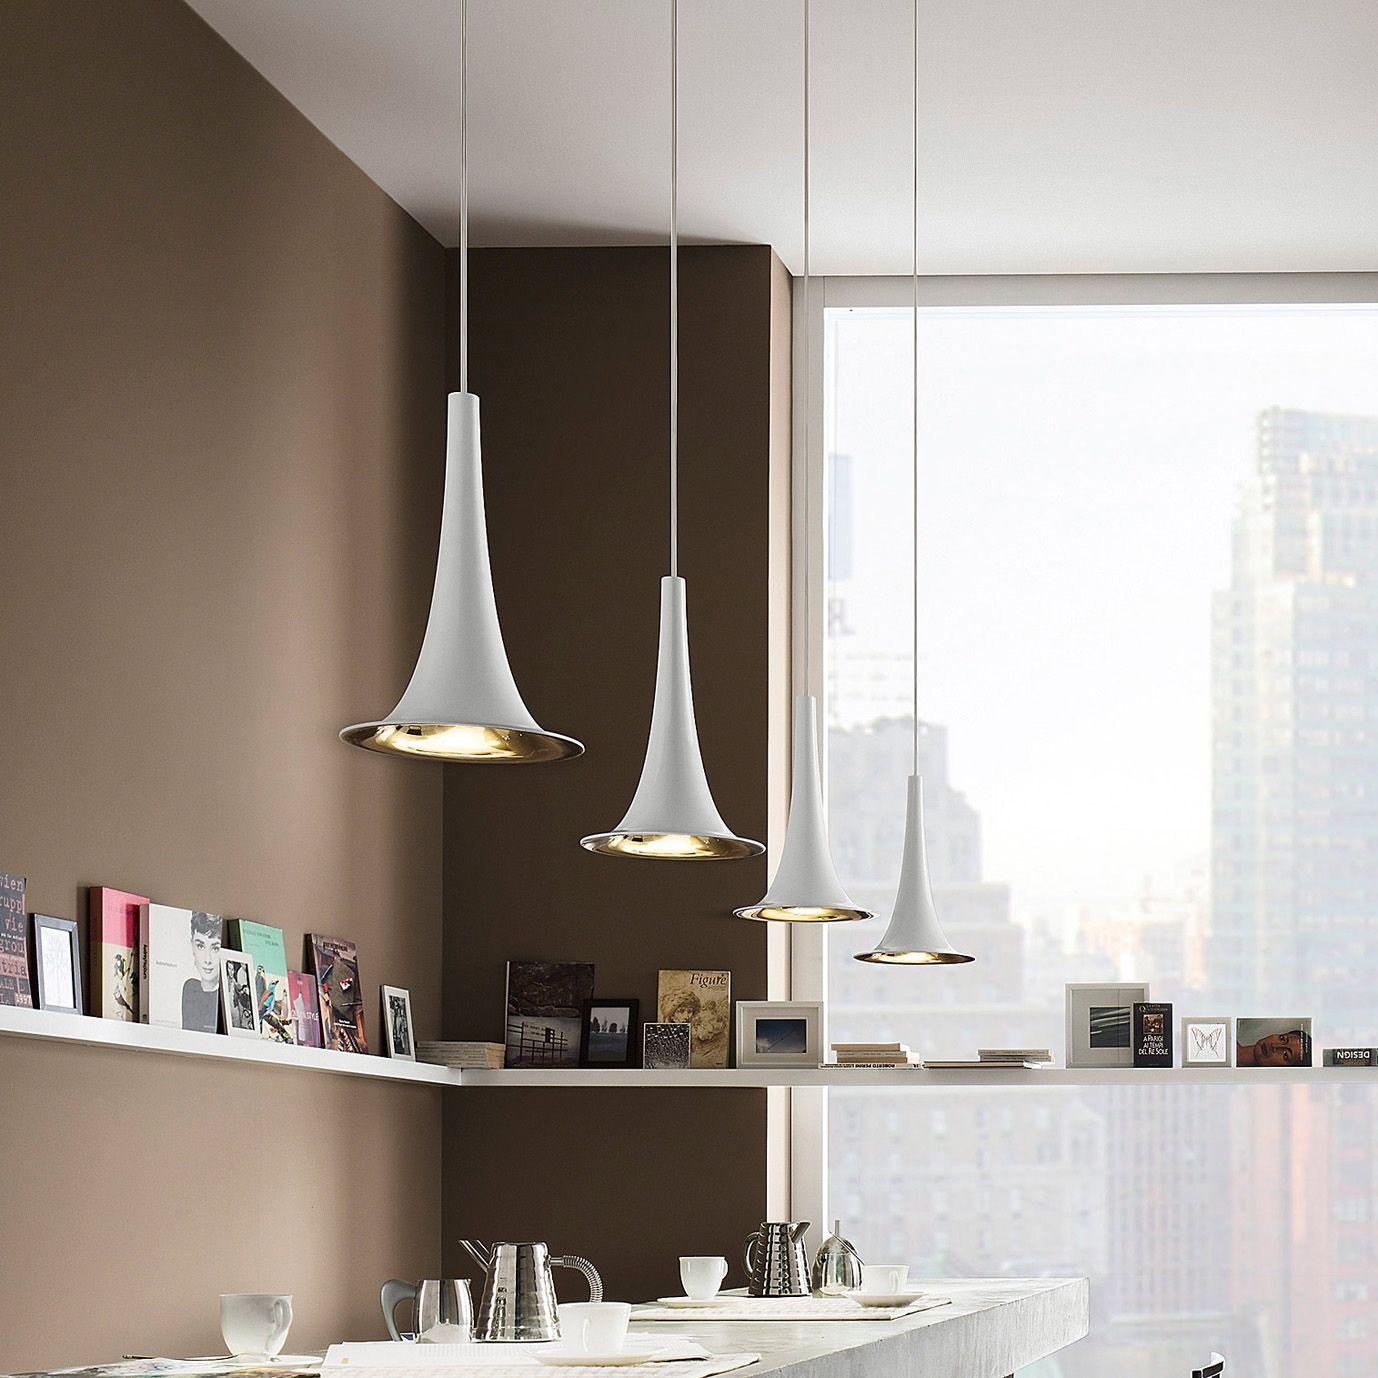 nafir de axo light el blog de. Black Bedroom Furniture Sets. Home Design Ideas